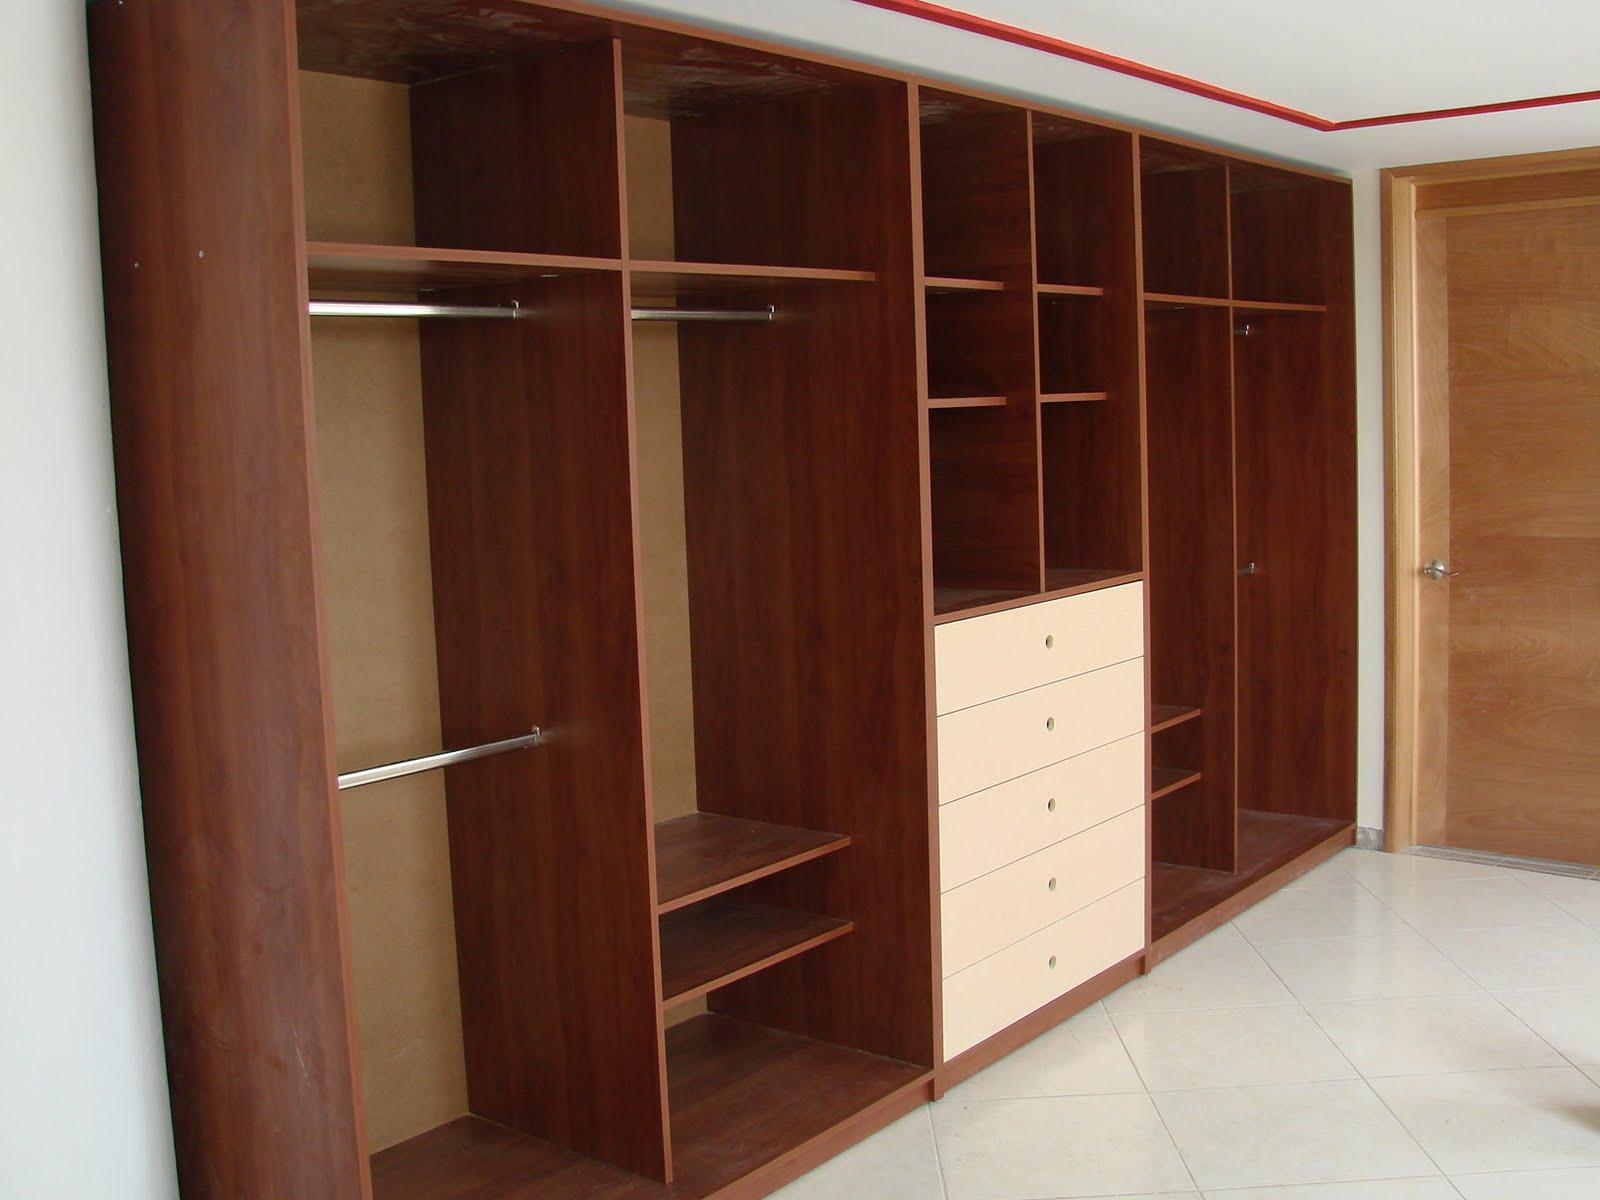 Cocinas integrales vestidores closets etc closets y for Closet en madera para habitaciones